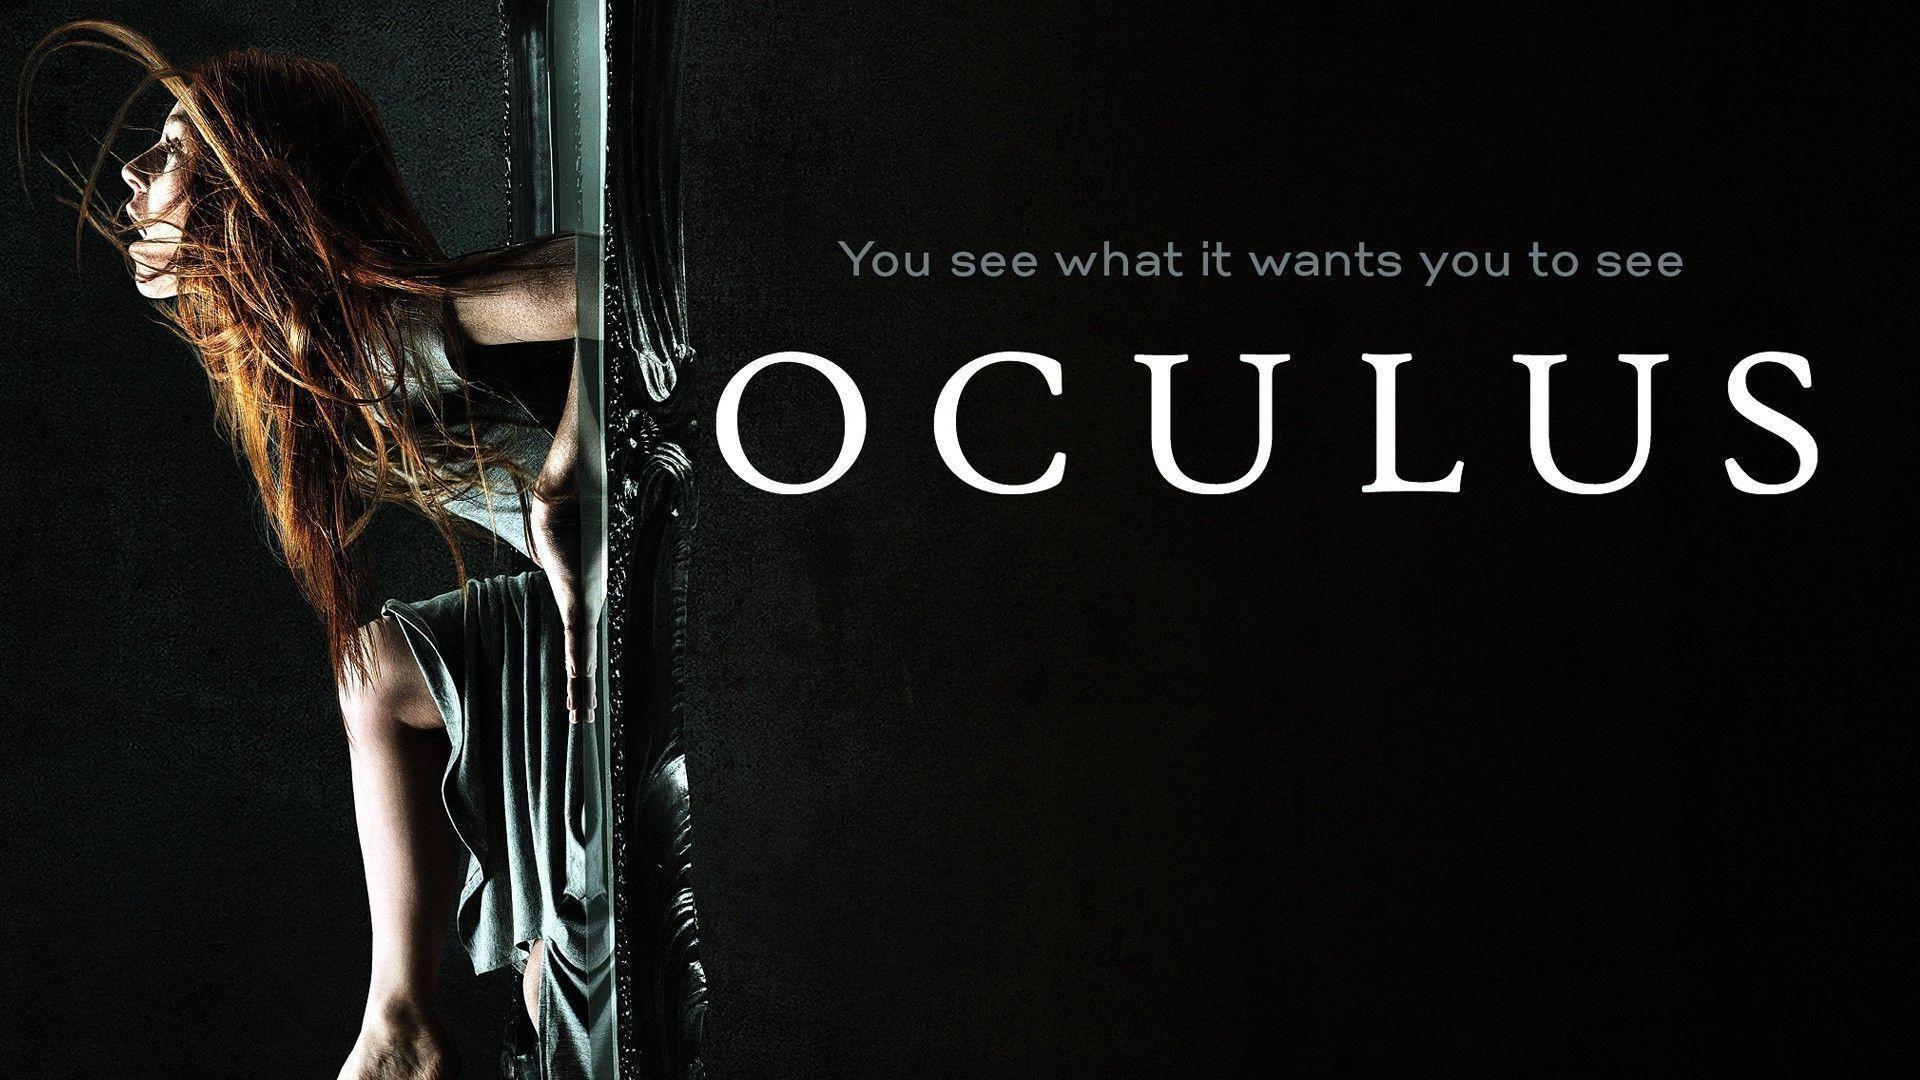 New Oculus 2014 Horror Movie Poster Wallpaper HD for Desktop .